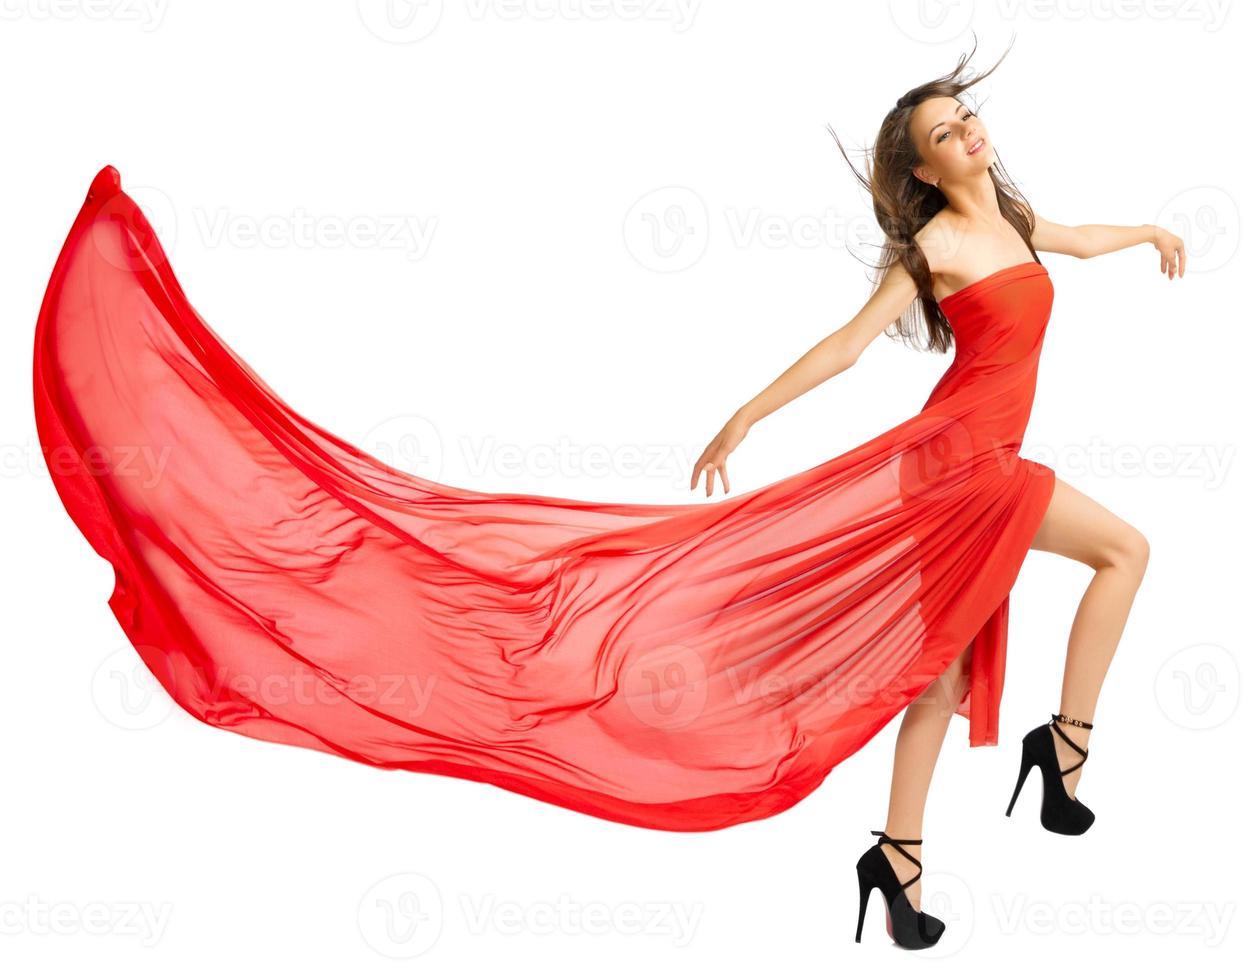 jong meisje in lange rode doek geïsoleerd (normaal ver) foto